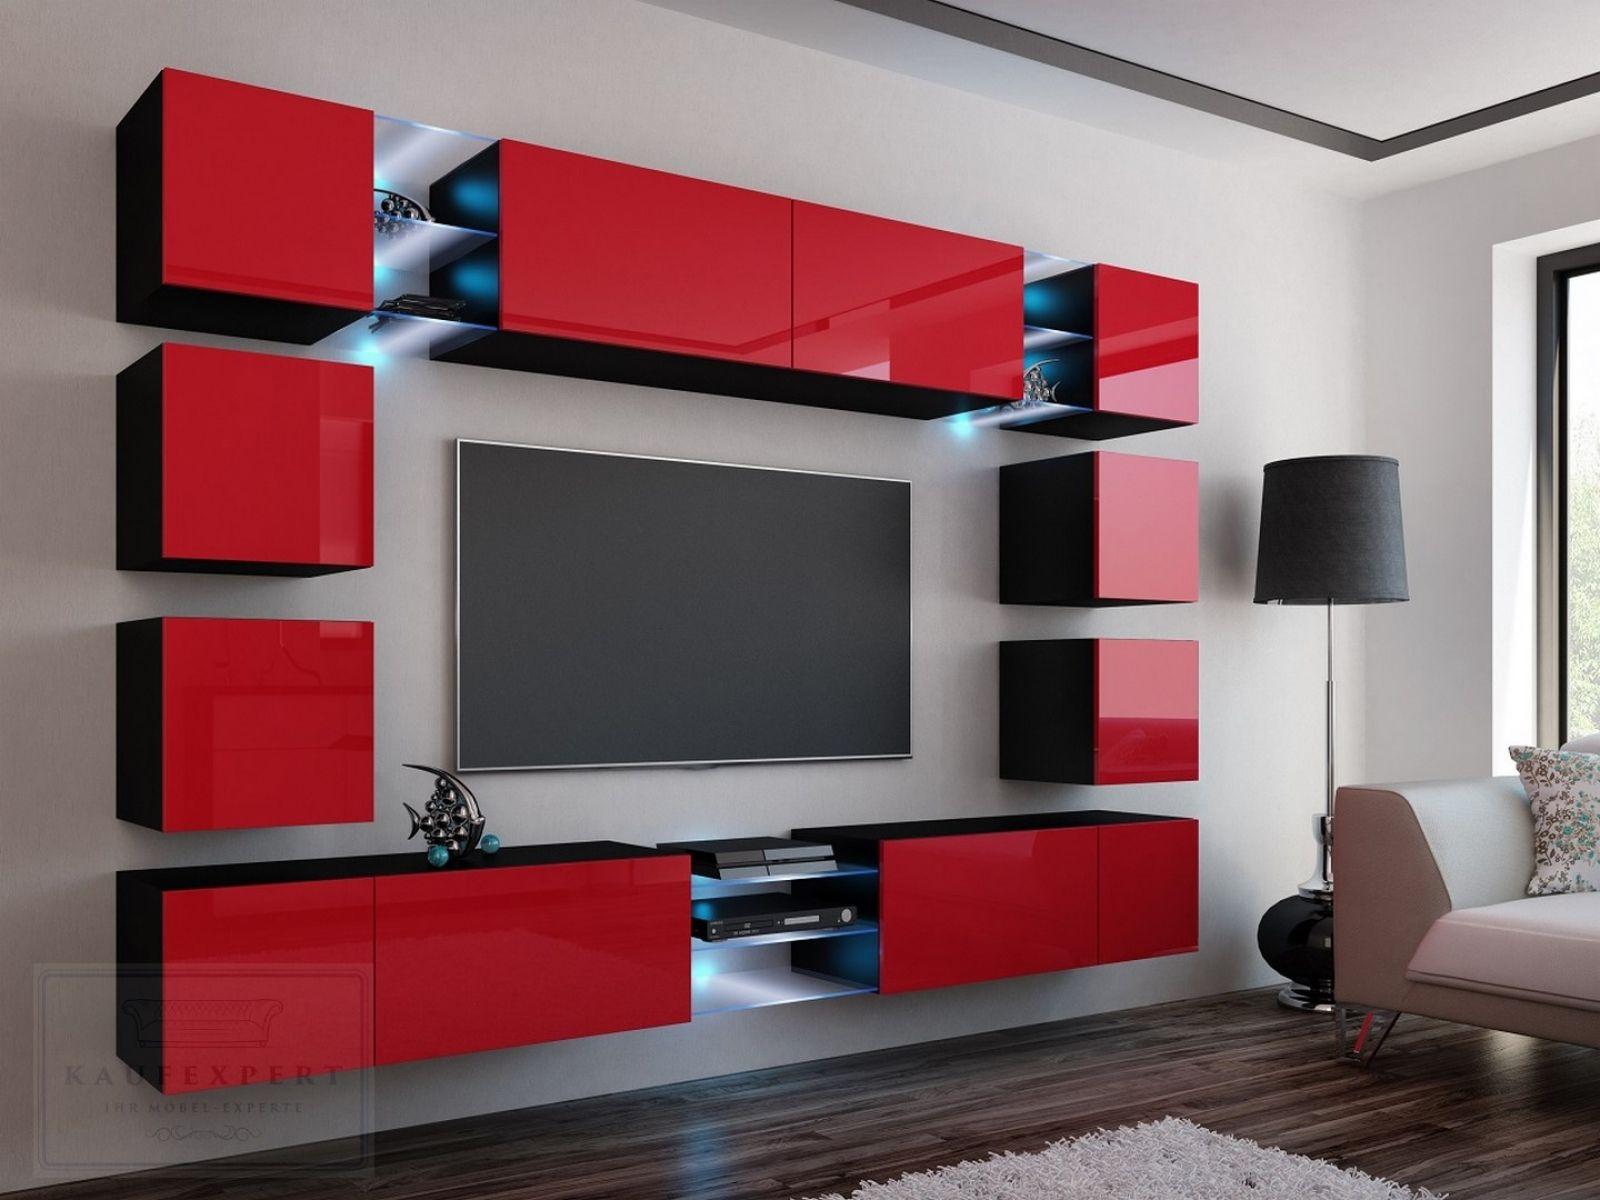 Genial wohnwand rot hochglanz  Moderne wohnzimmergestaltung